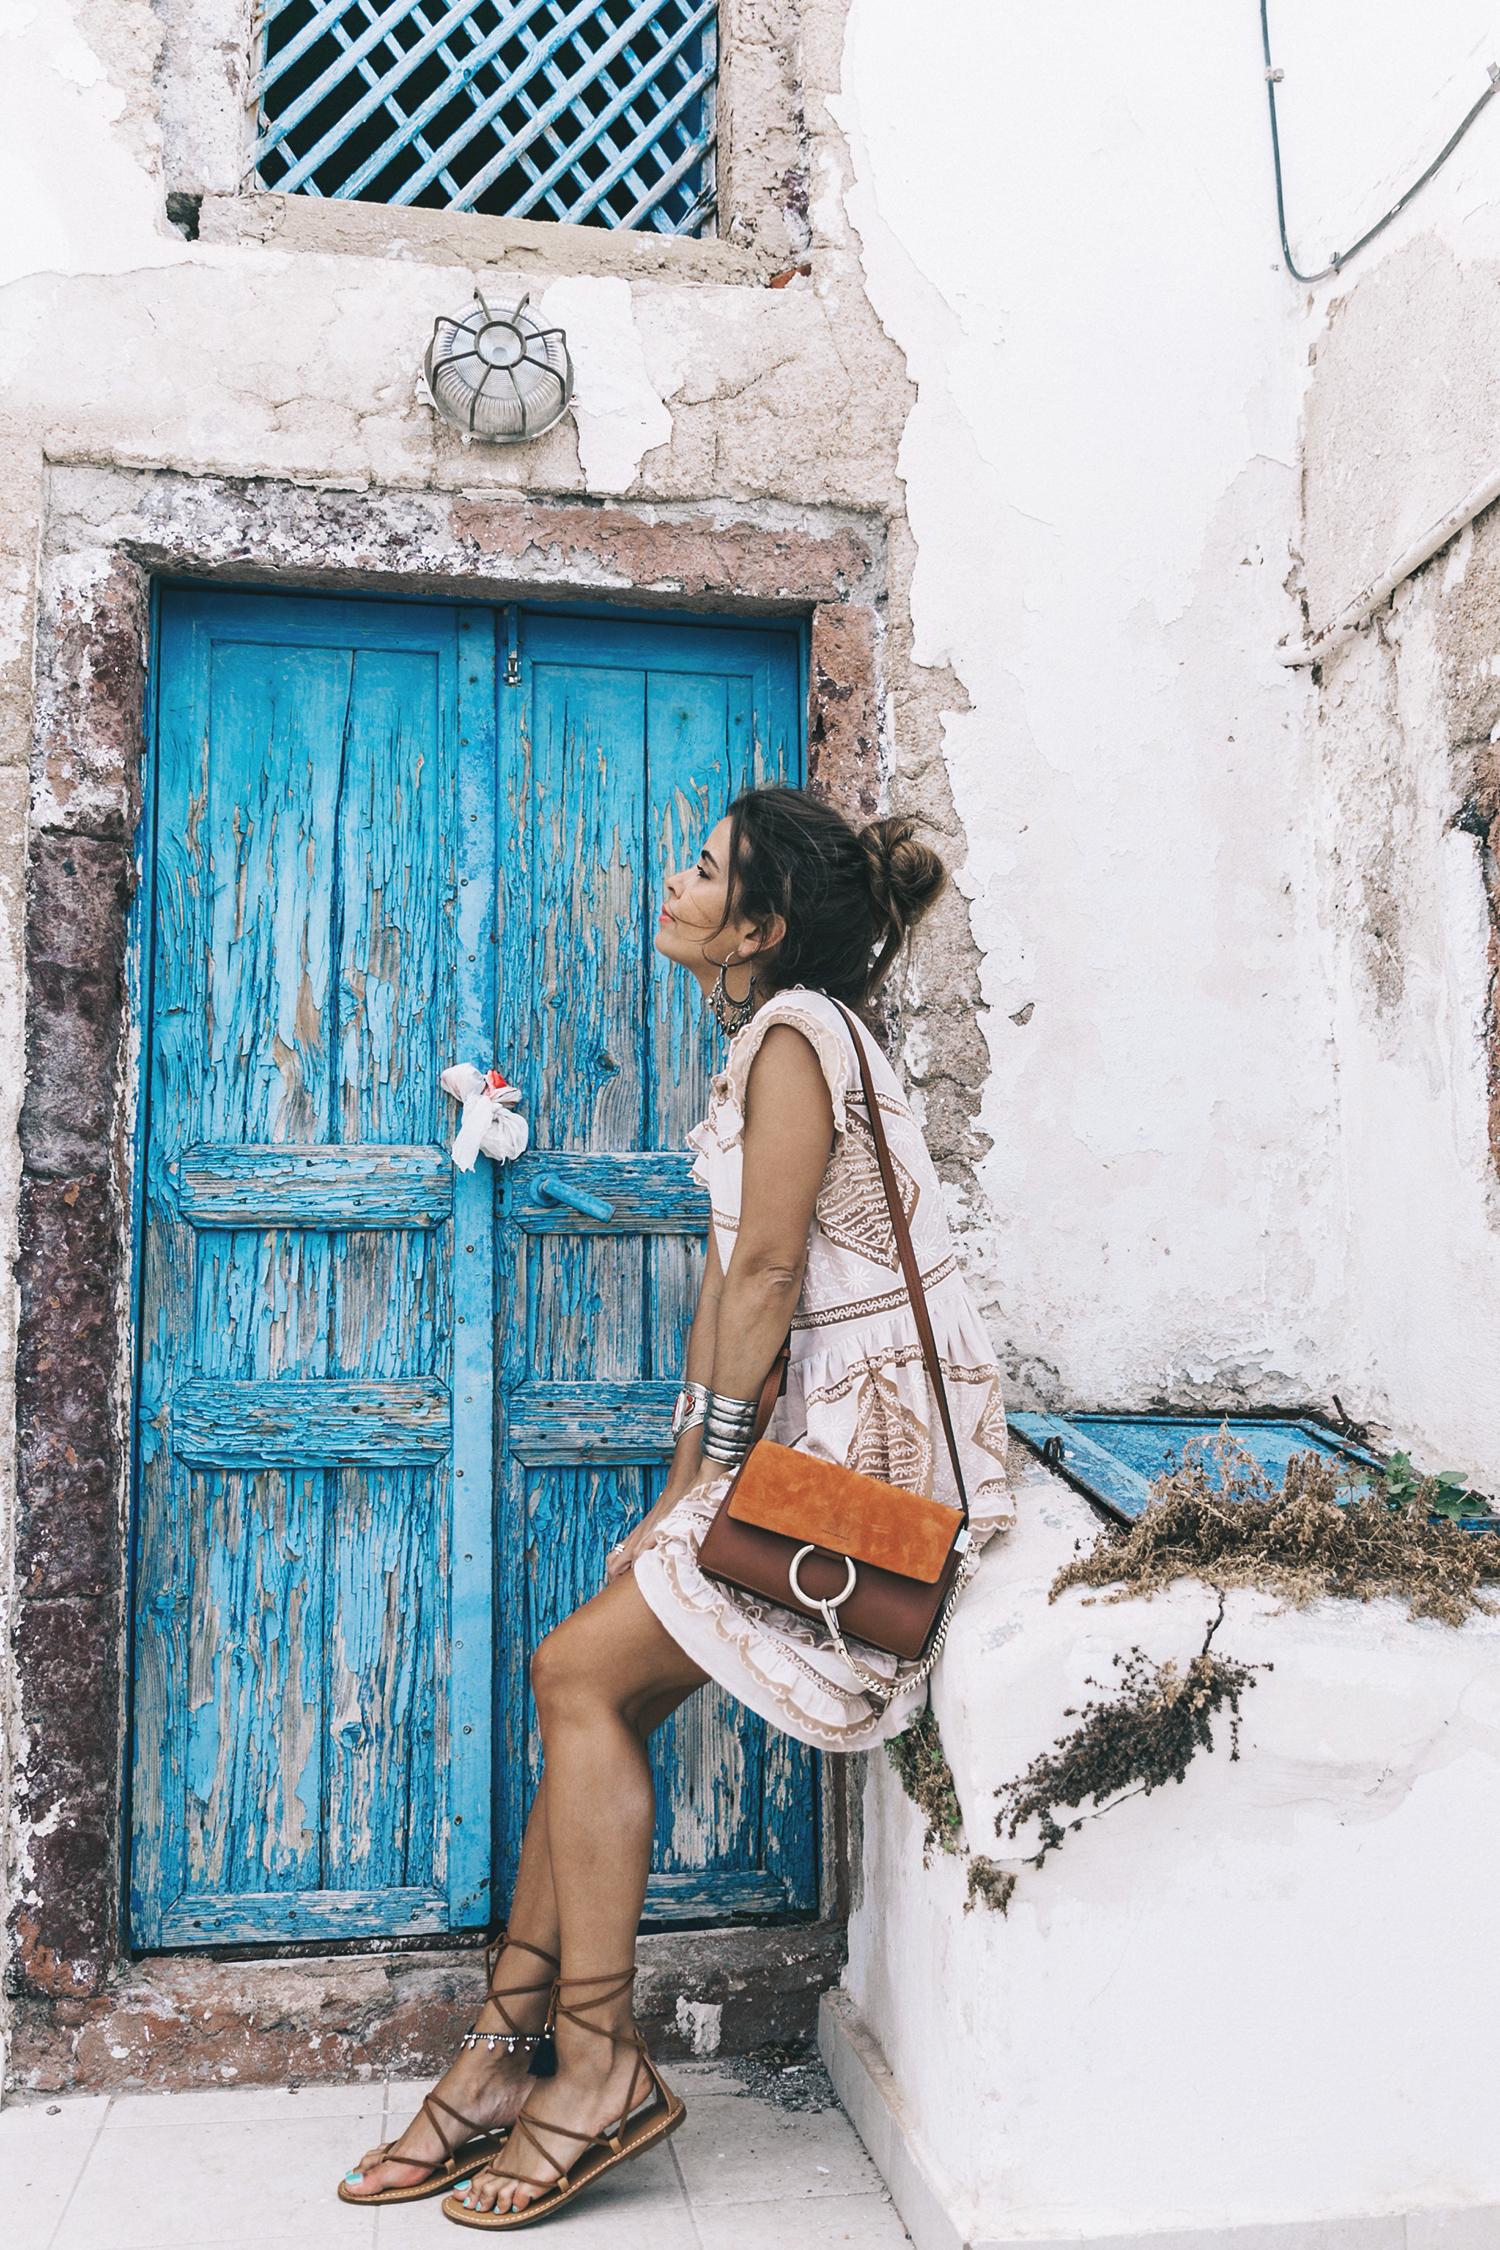 Chloe_Bag-Faye_Bag-For_Love_And_Lemons-Dress-Topknot-Soludos_Escapes-Soludos_Espadrilles-Summer-Santorini-Collage_Vintage-59